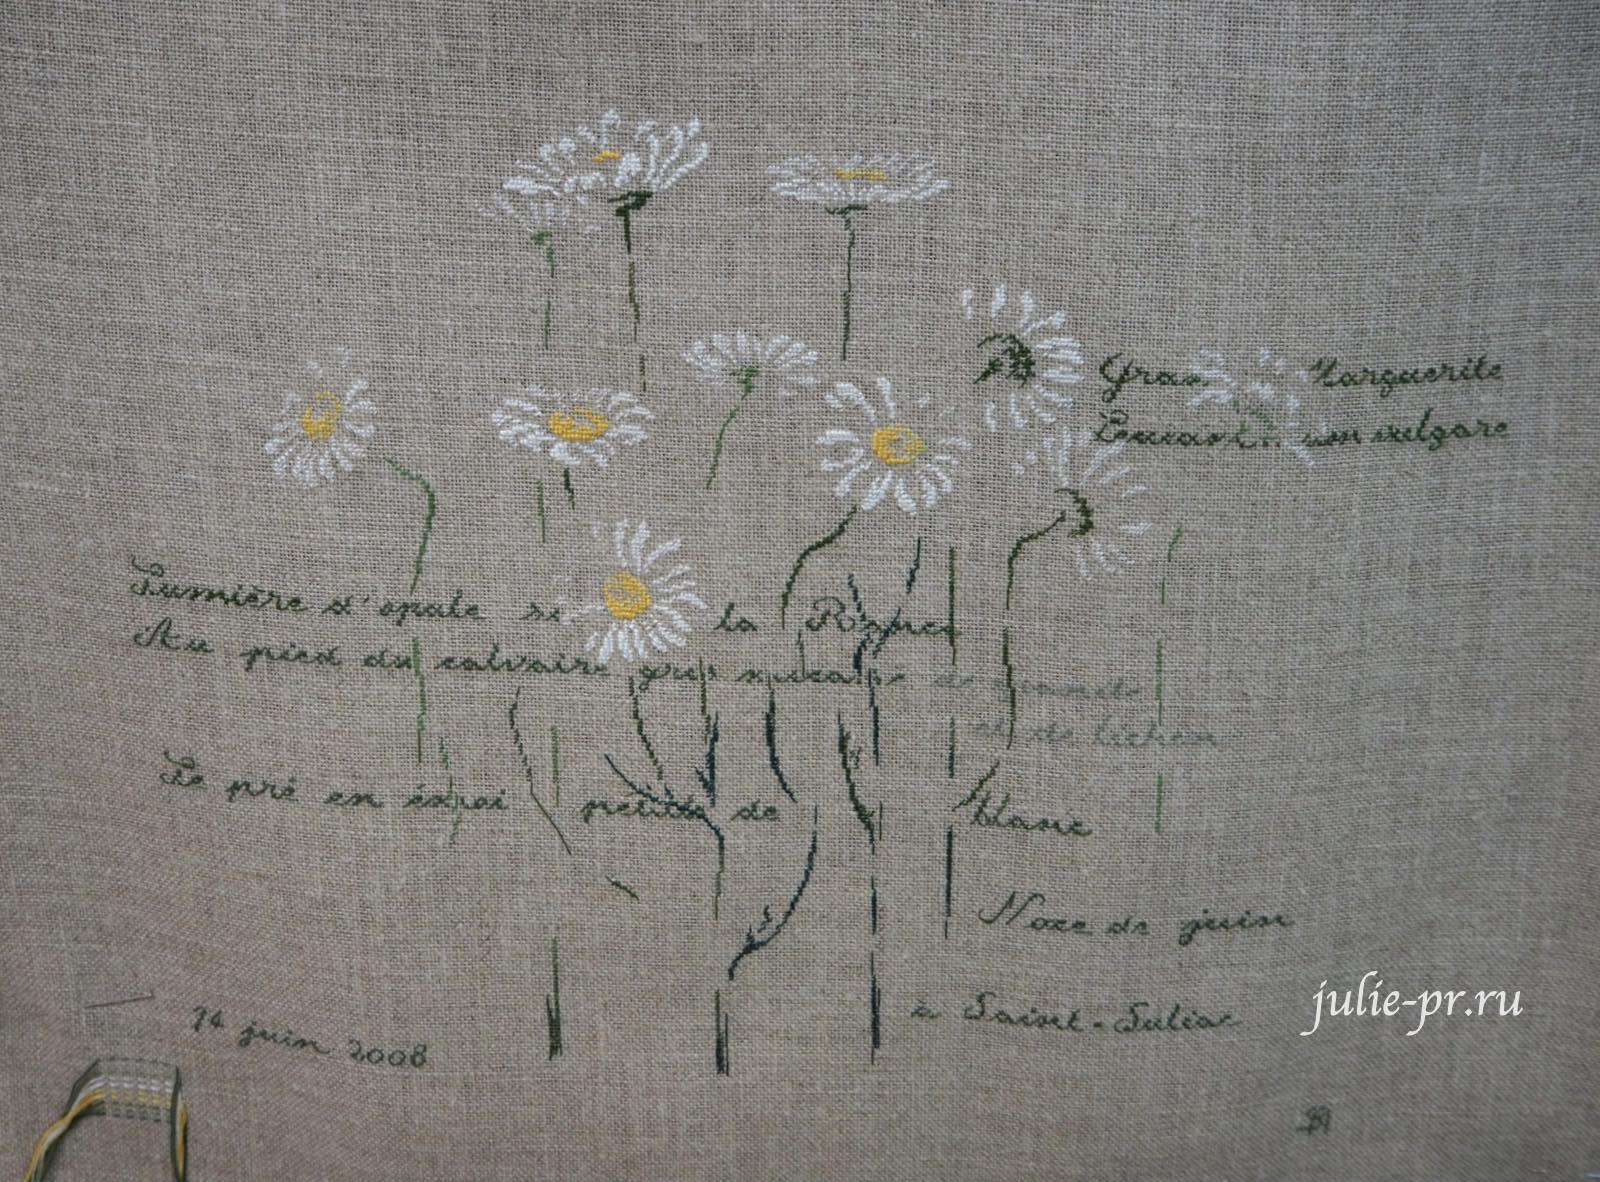 MTSA, Marguerites, Маргаритки, вышивка крестом